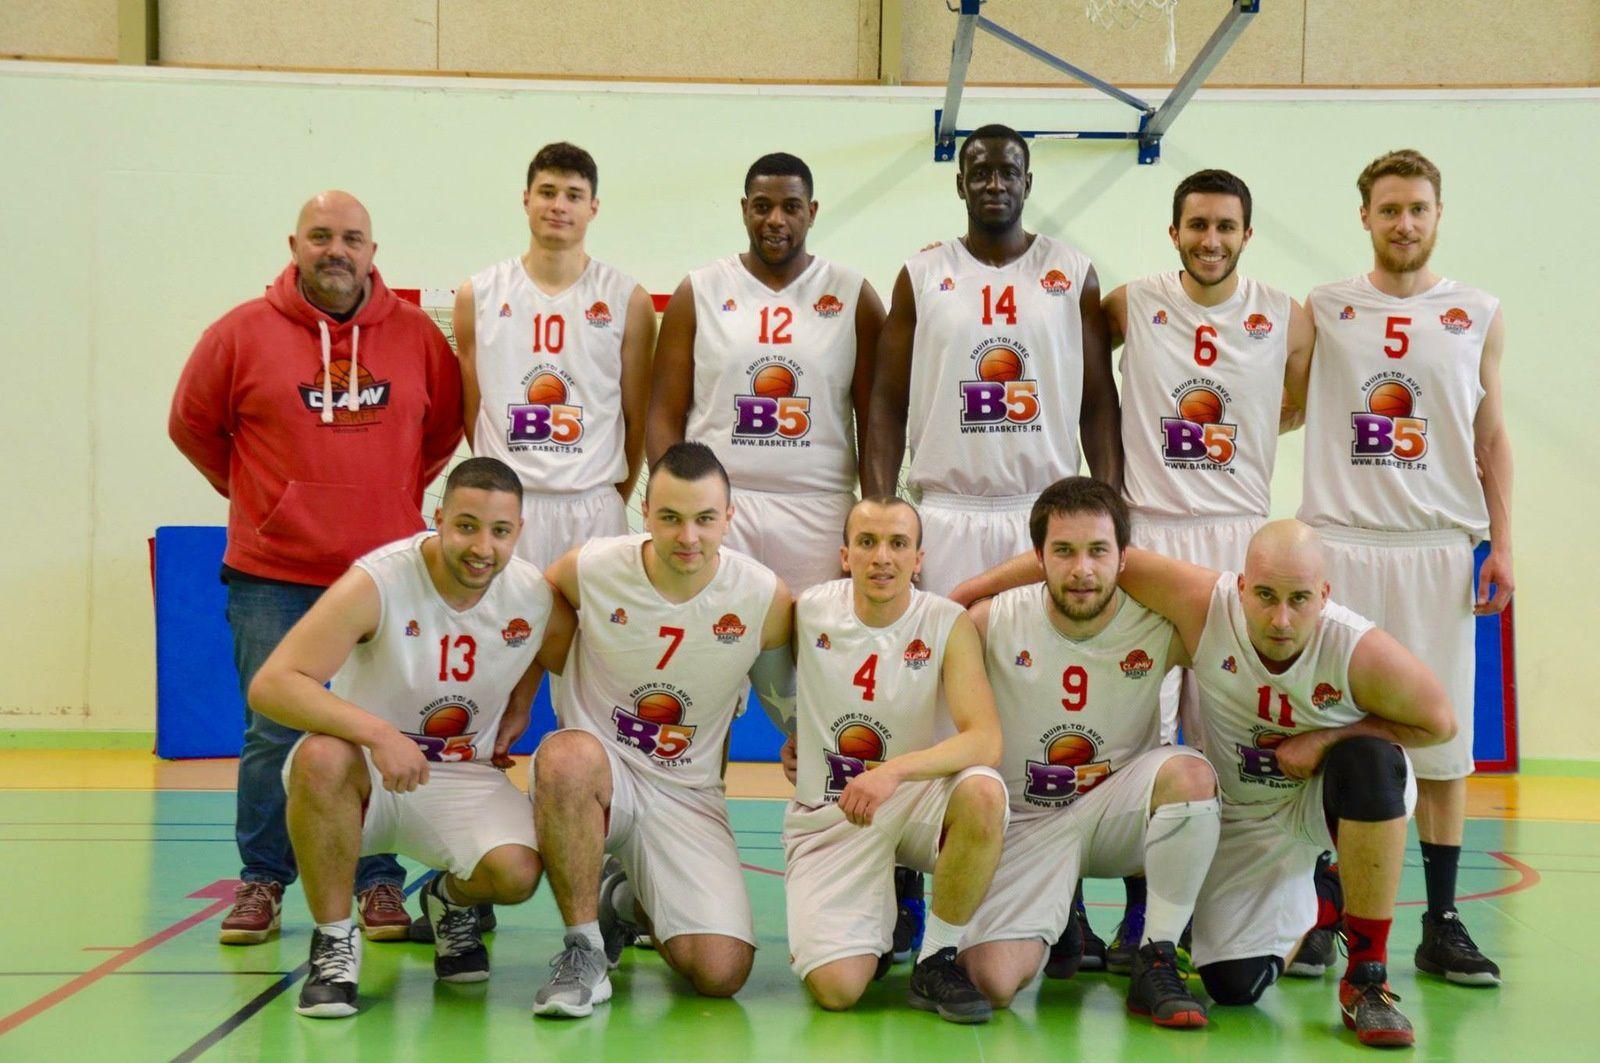 Les basketteurs du CLAMV sont en finale de la Coupe du Rhône et Lyon Métropole